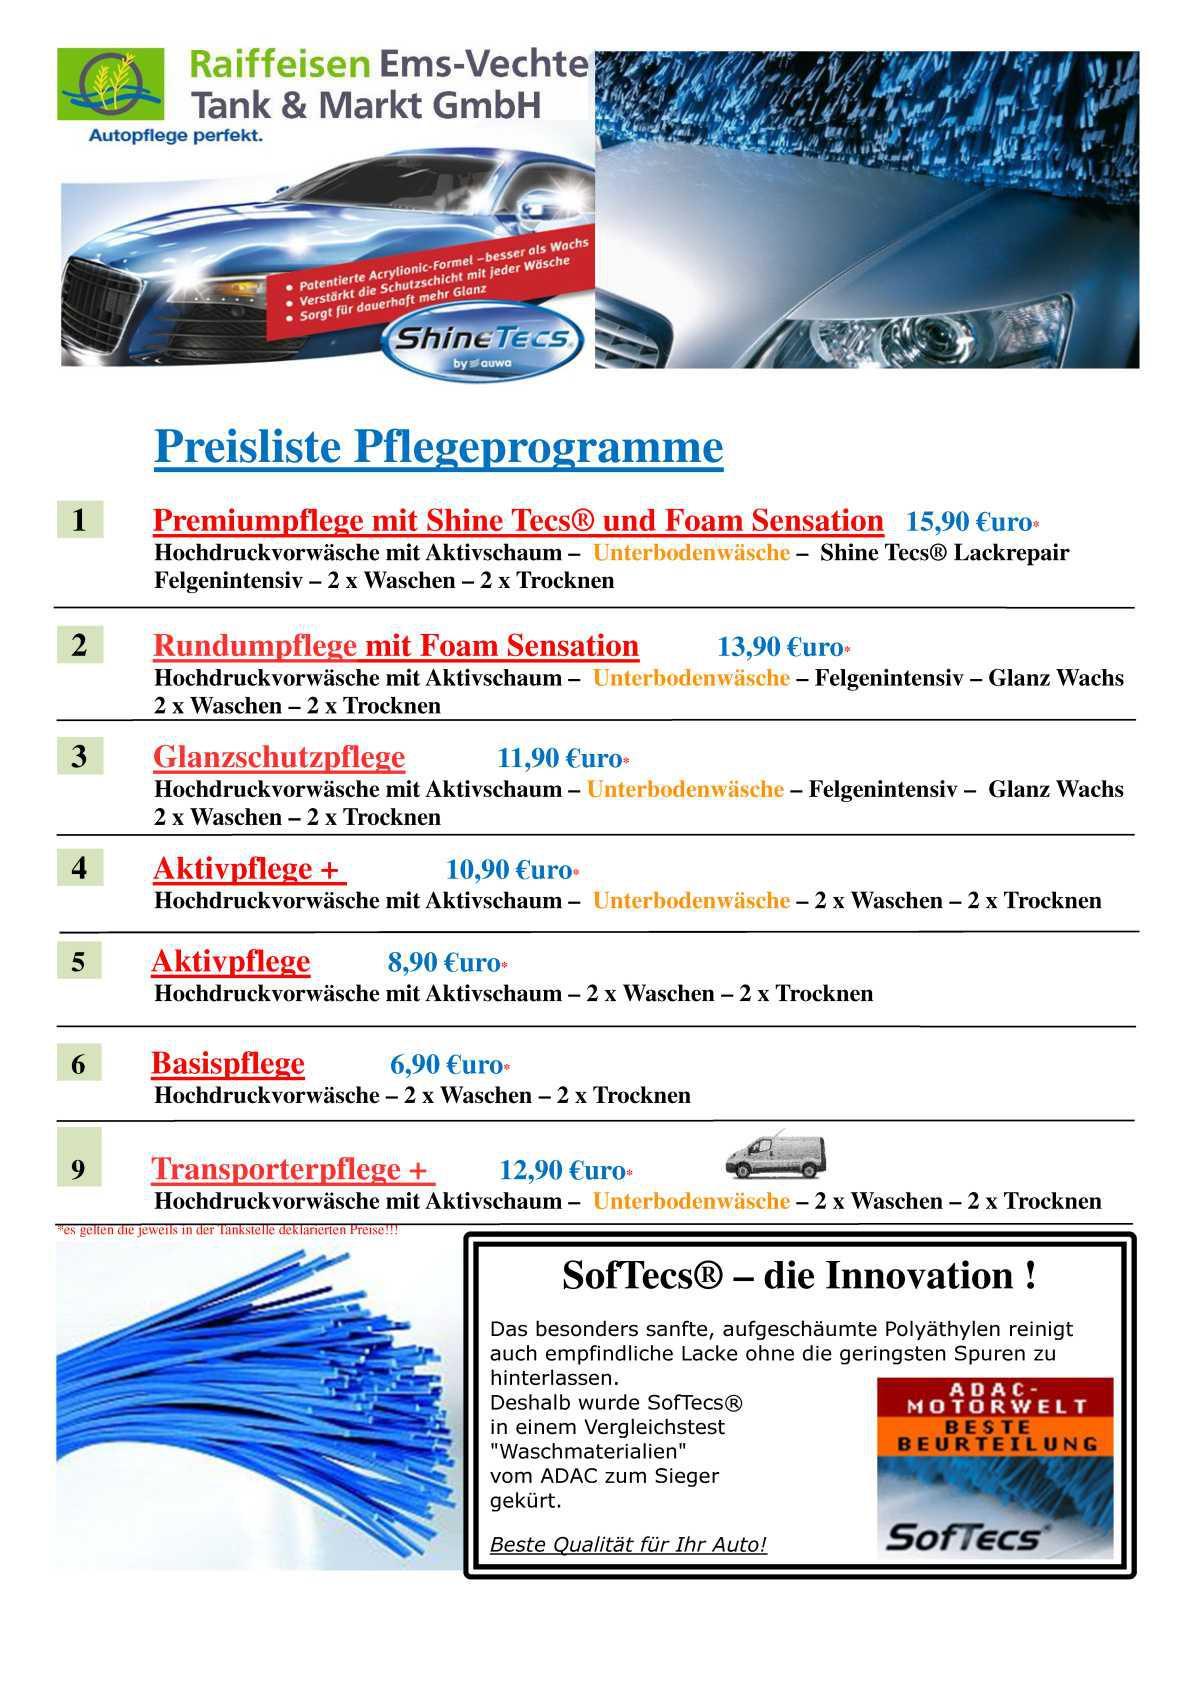 Raiffeisen Ems-Vechte Tank & Markt GmbH